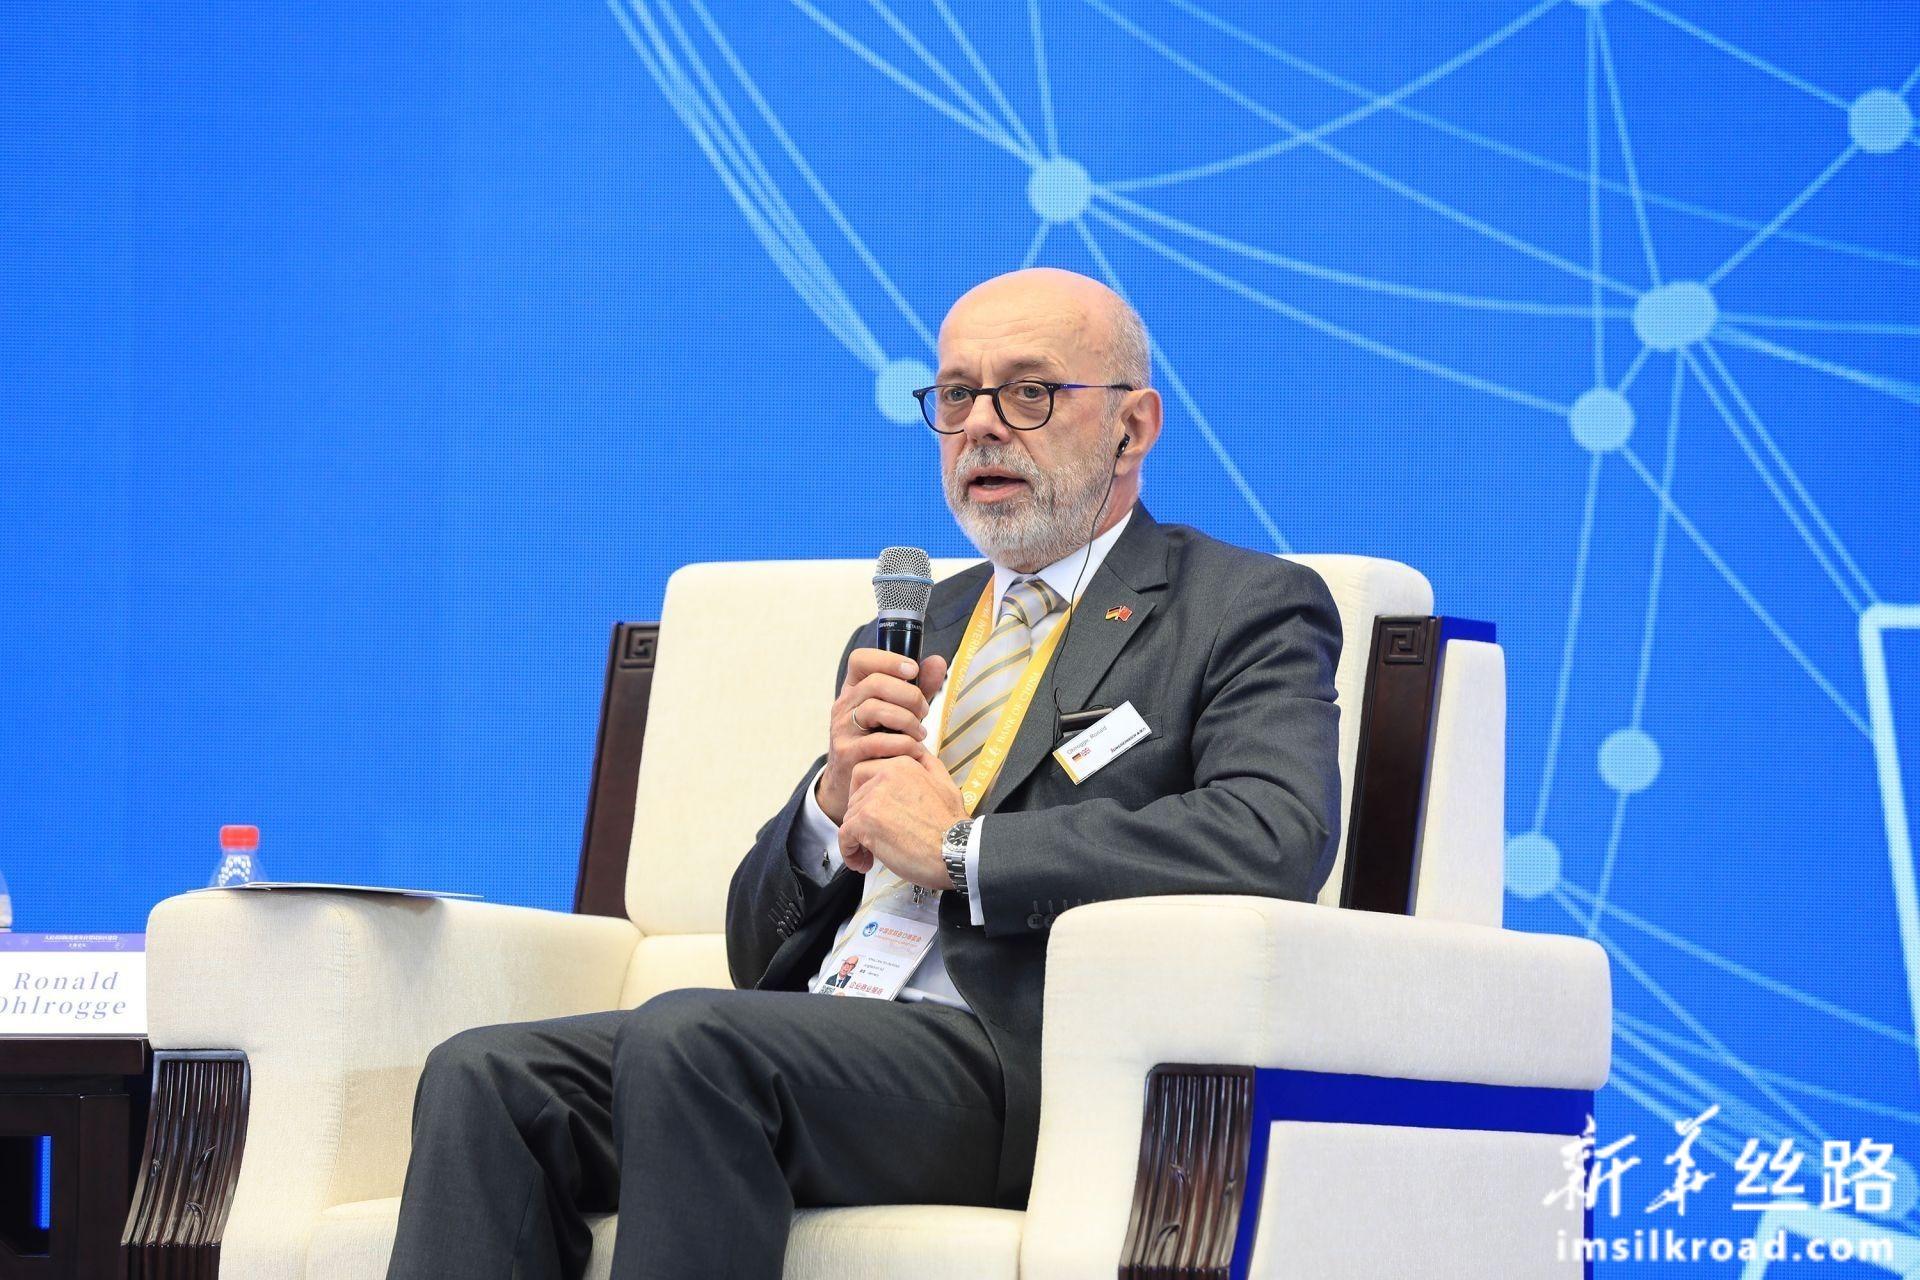 在分论坛1:人民币国际化服务实体经济上,德国永恒力股份公司亚太区高级副总裁 欧瑞先生(Ronald Ohlrogg)发言